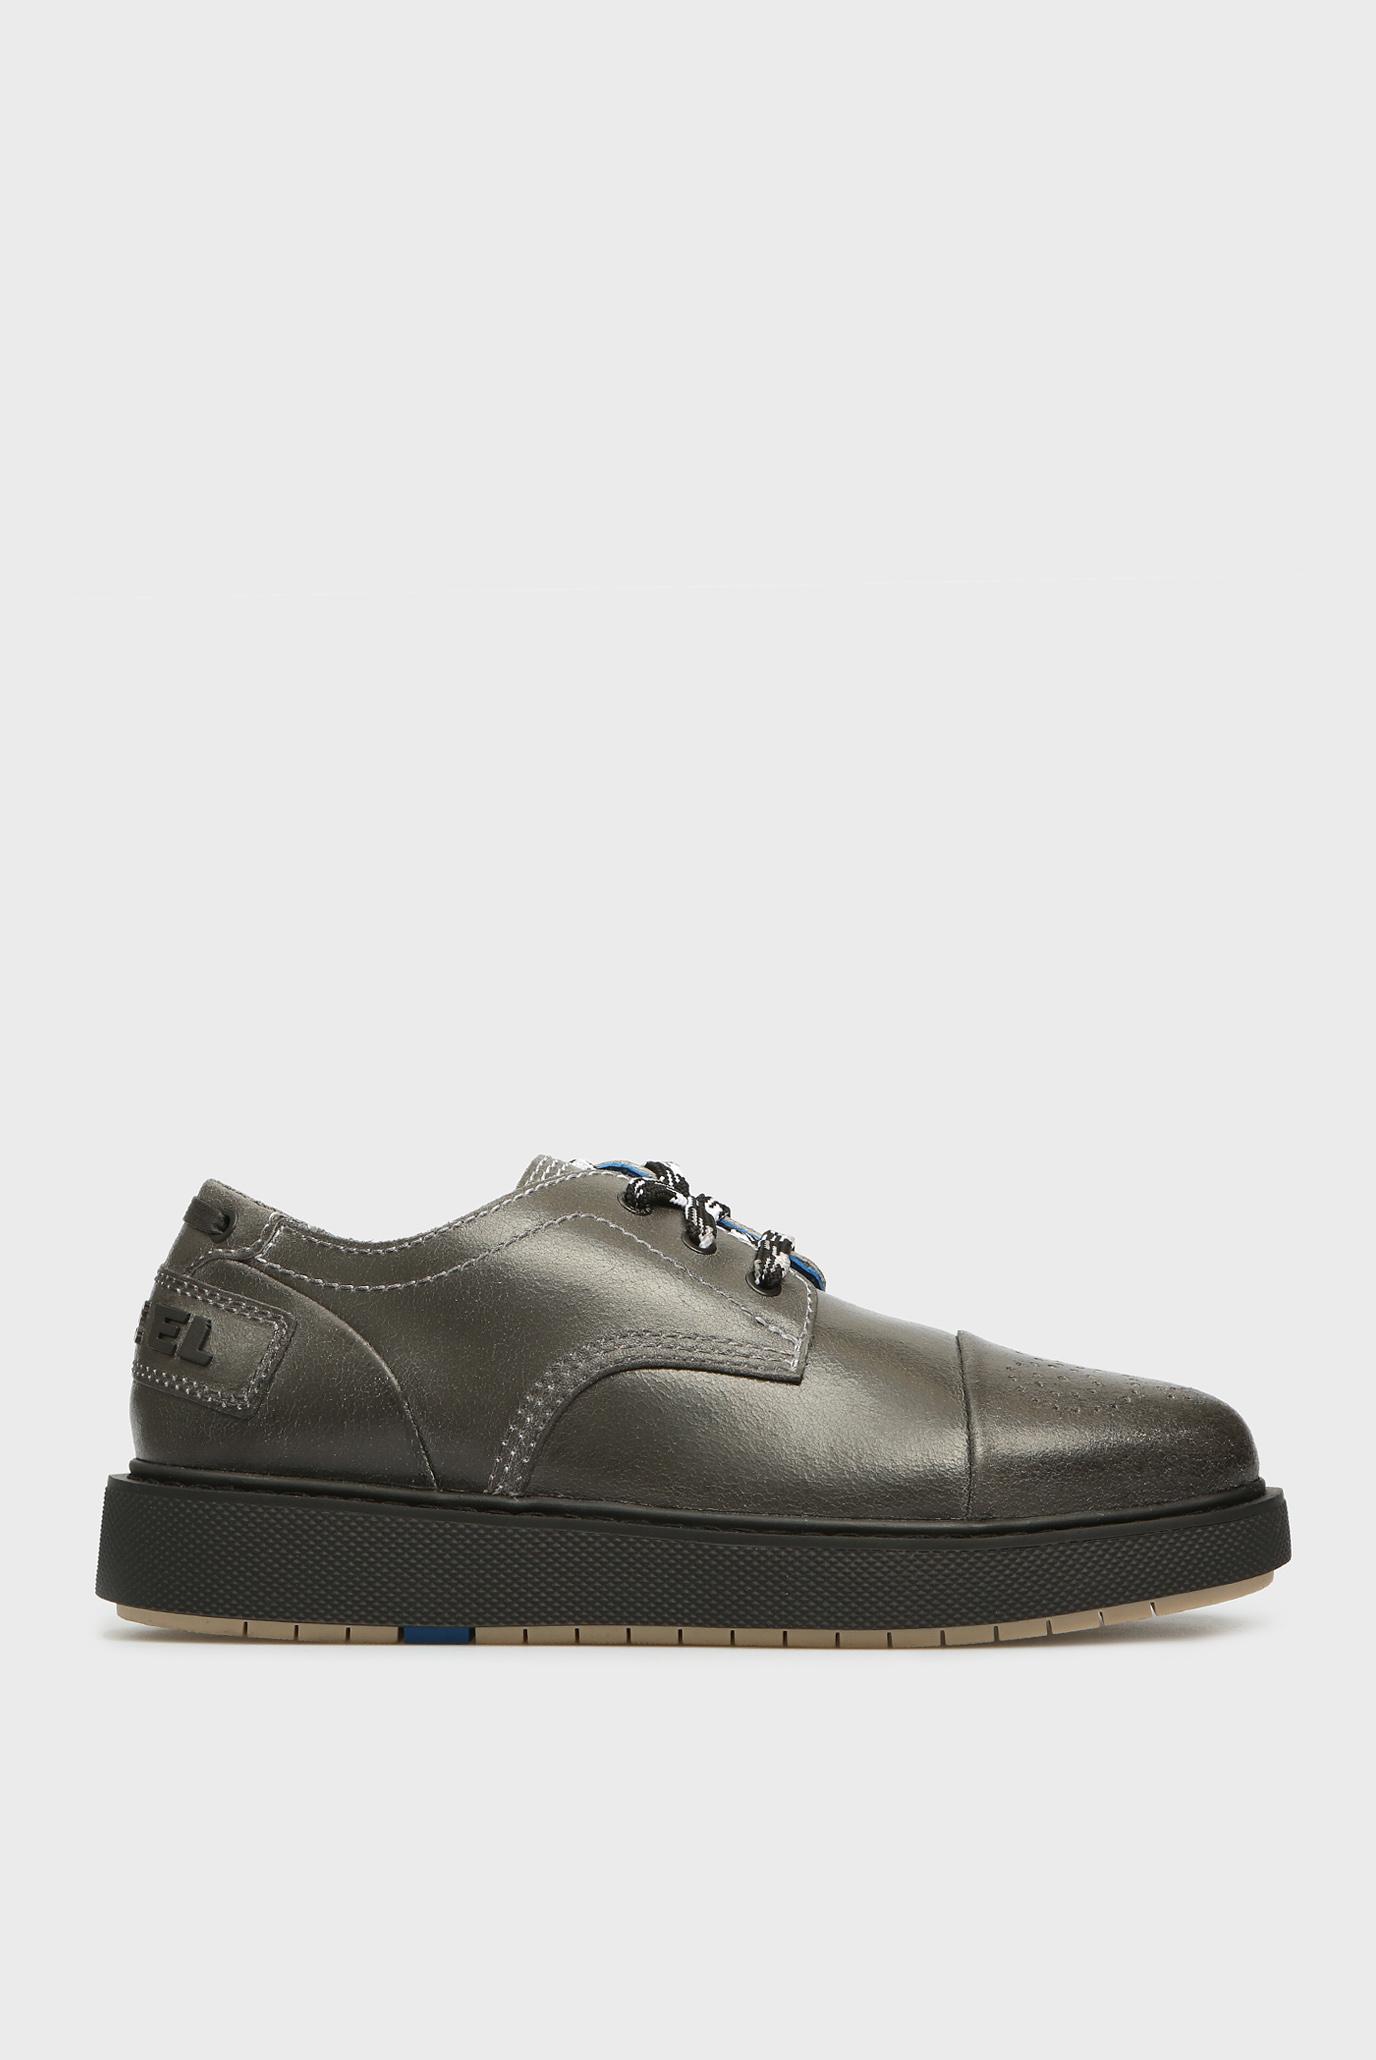 Купить Мужские темно-серые кожаные ботинки CAGE Diesel Diesel Y01777 PR276 – Киев, Украина. Цены в интернет магазине MD Fashion